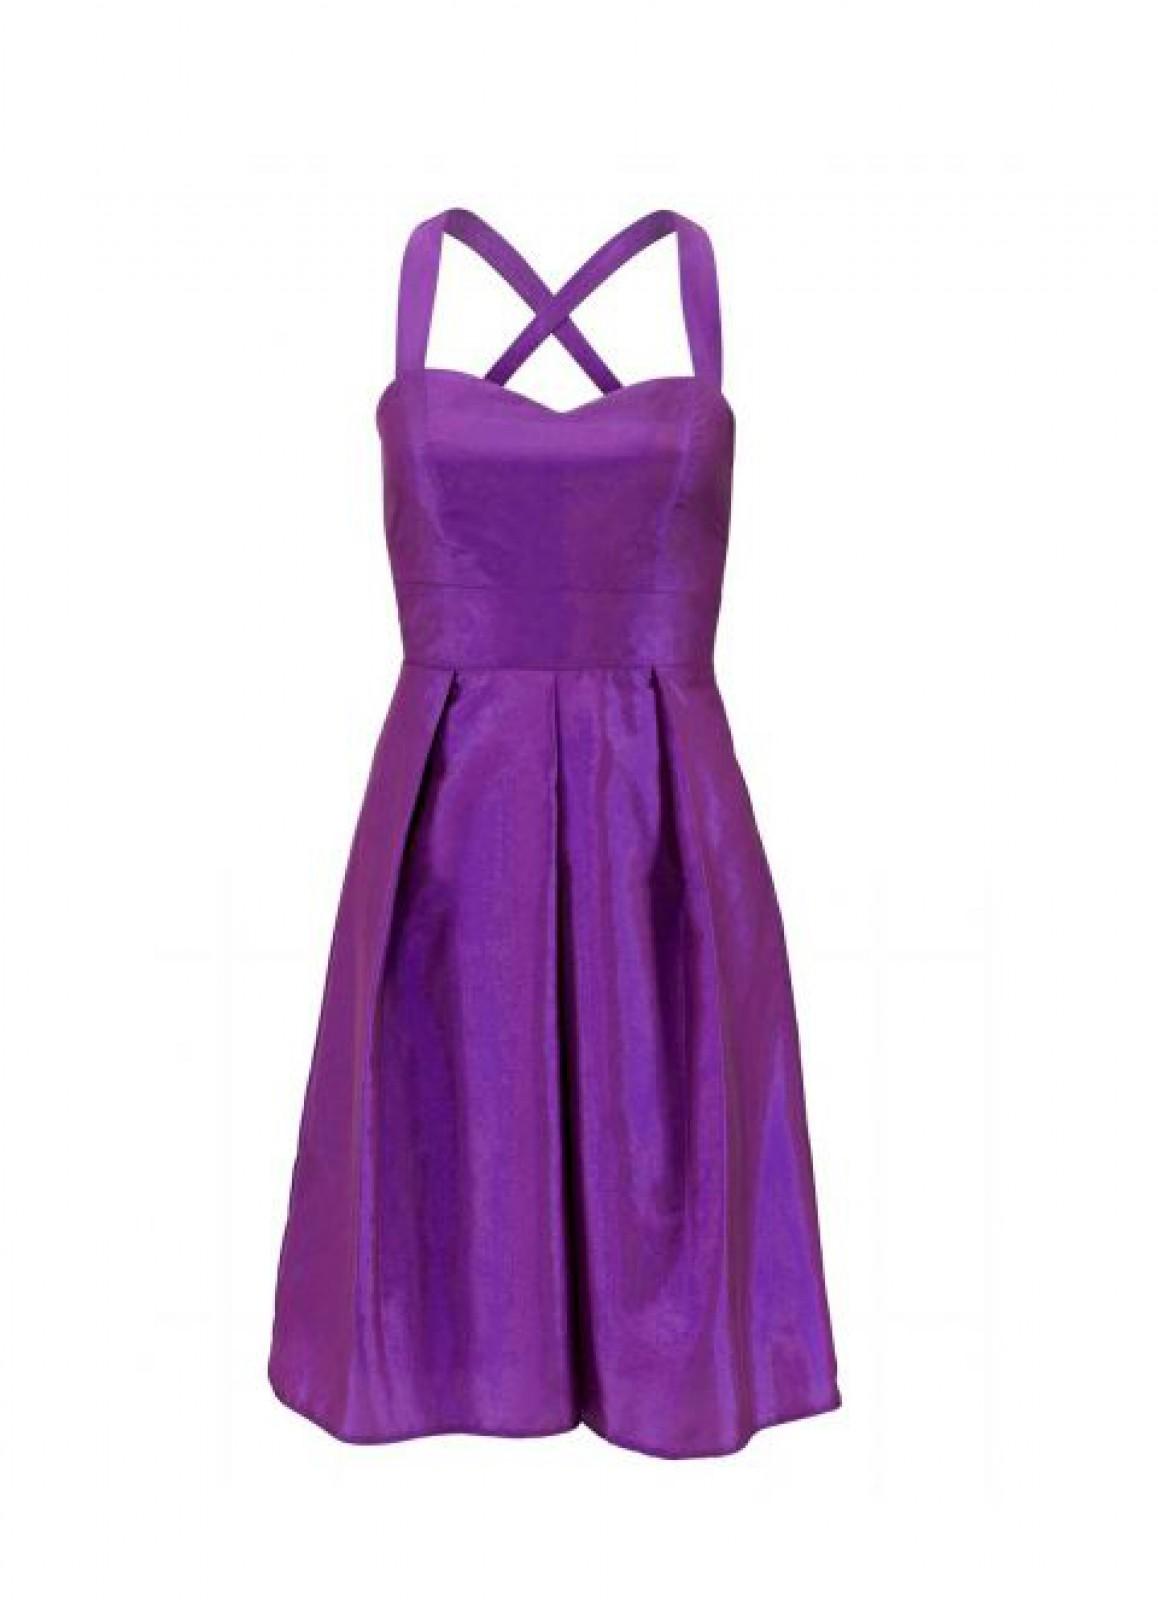 Changeant-Kleid - das kurze Partykleid mit zartem Glanz - ...